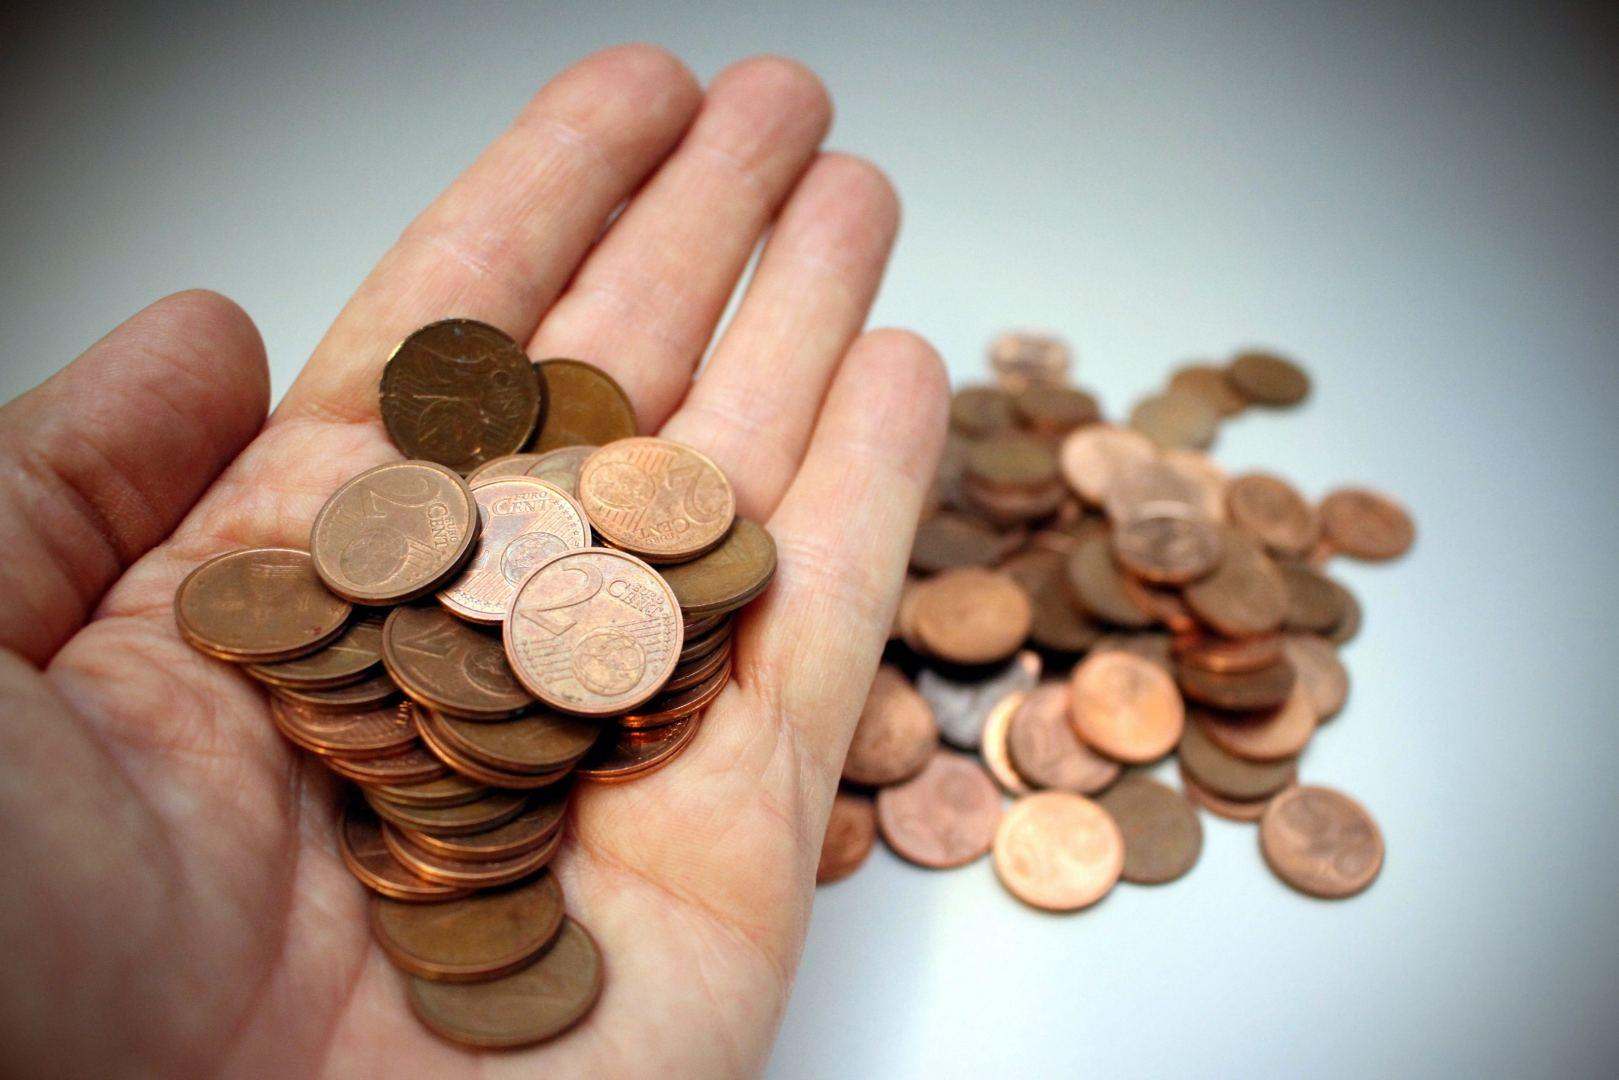 bazinių pajamų papildomos pajamos